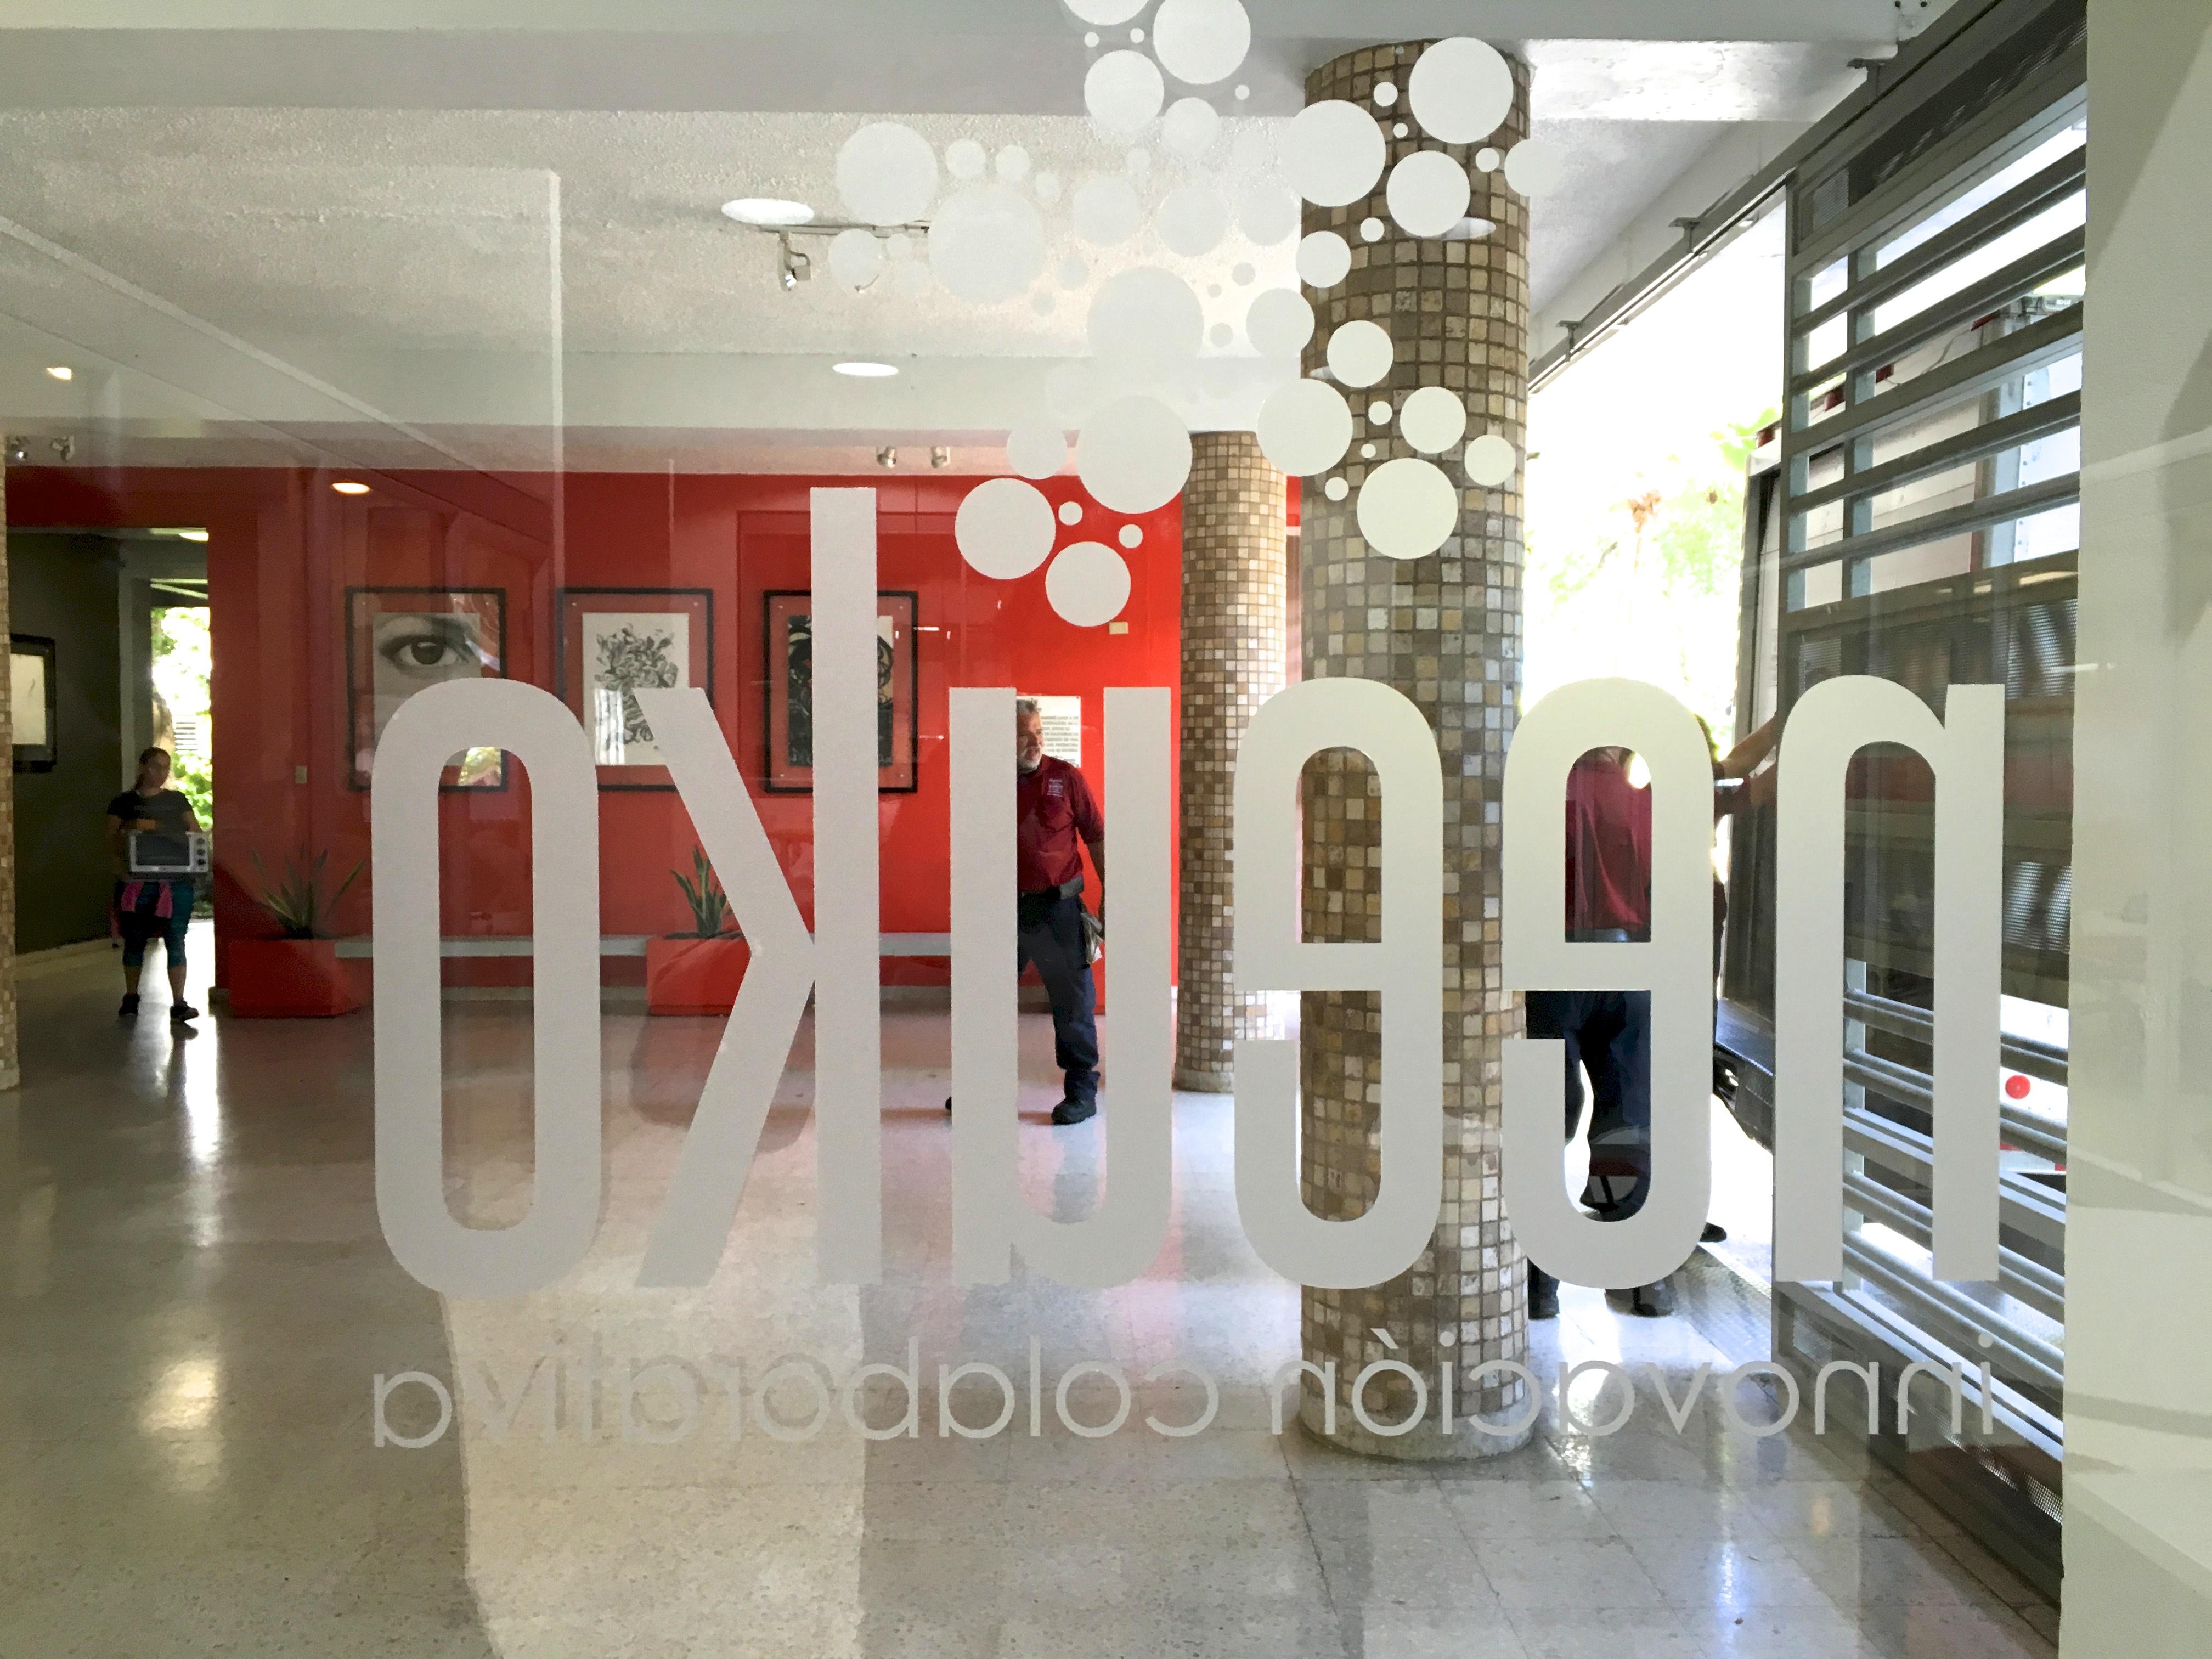 Innenarchitektur Halle kostenlose foto halle innenarchitektur marke boutique lobby